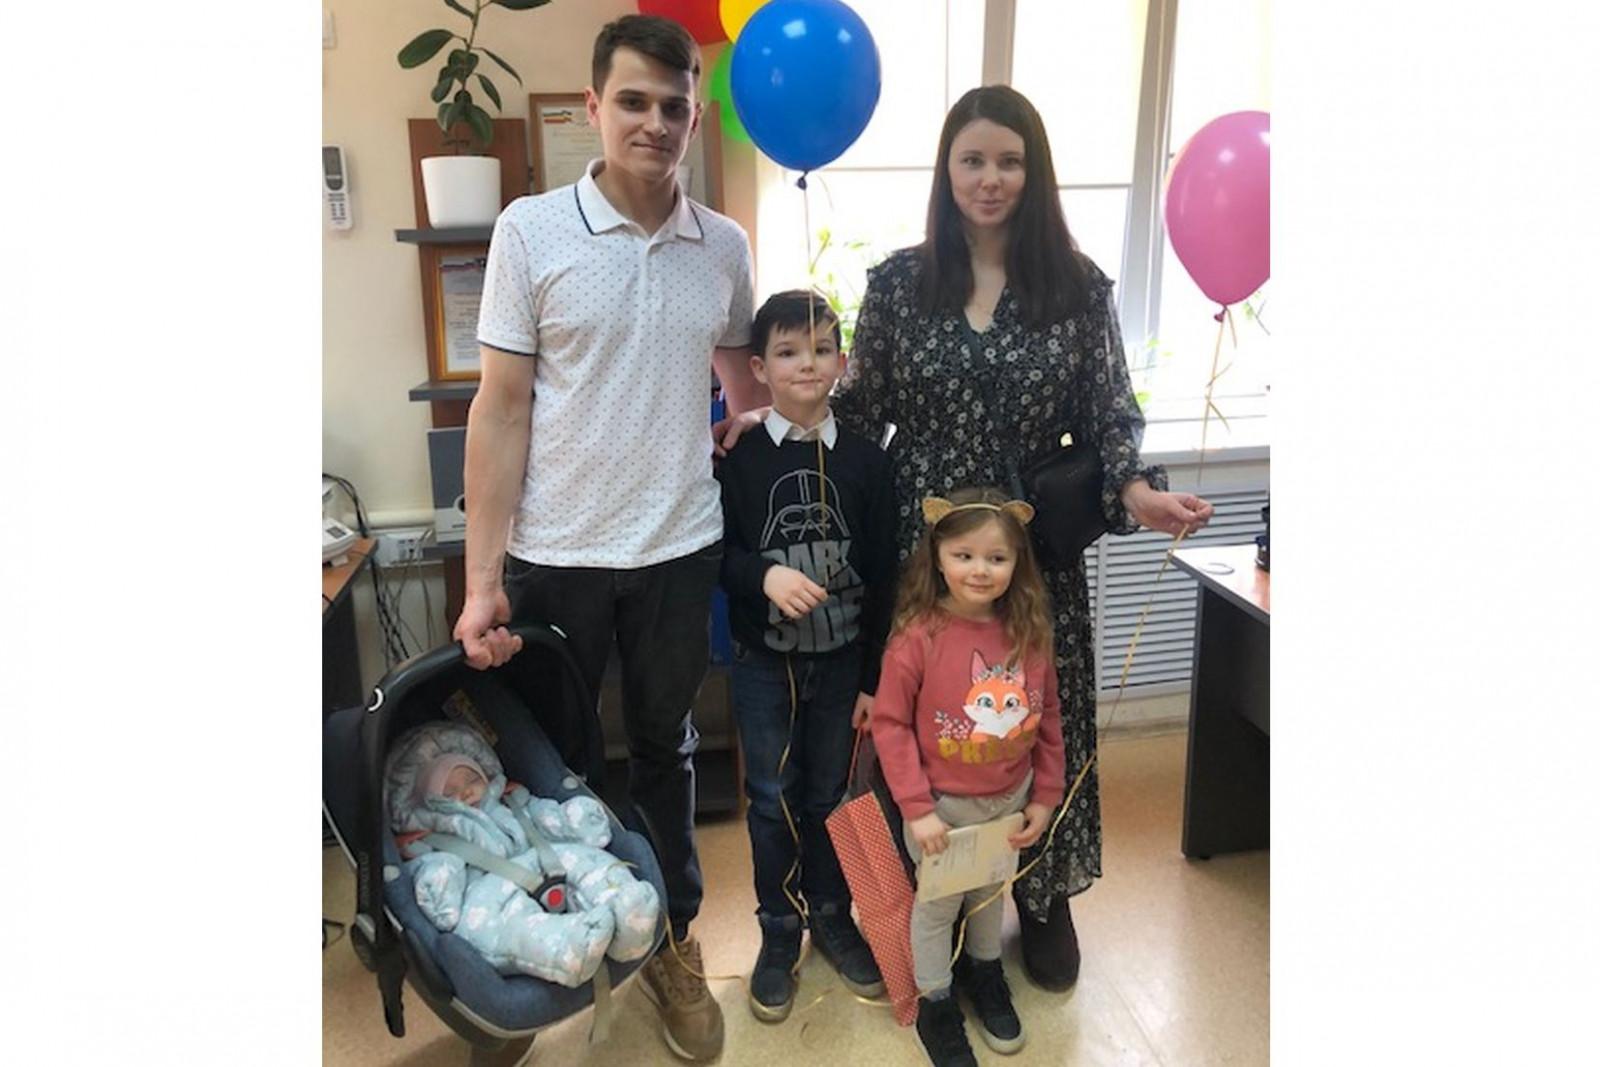 Донские семьи при рождении детей получают бюджетные субсидии для погашения ипотеки